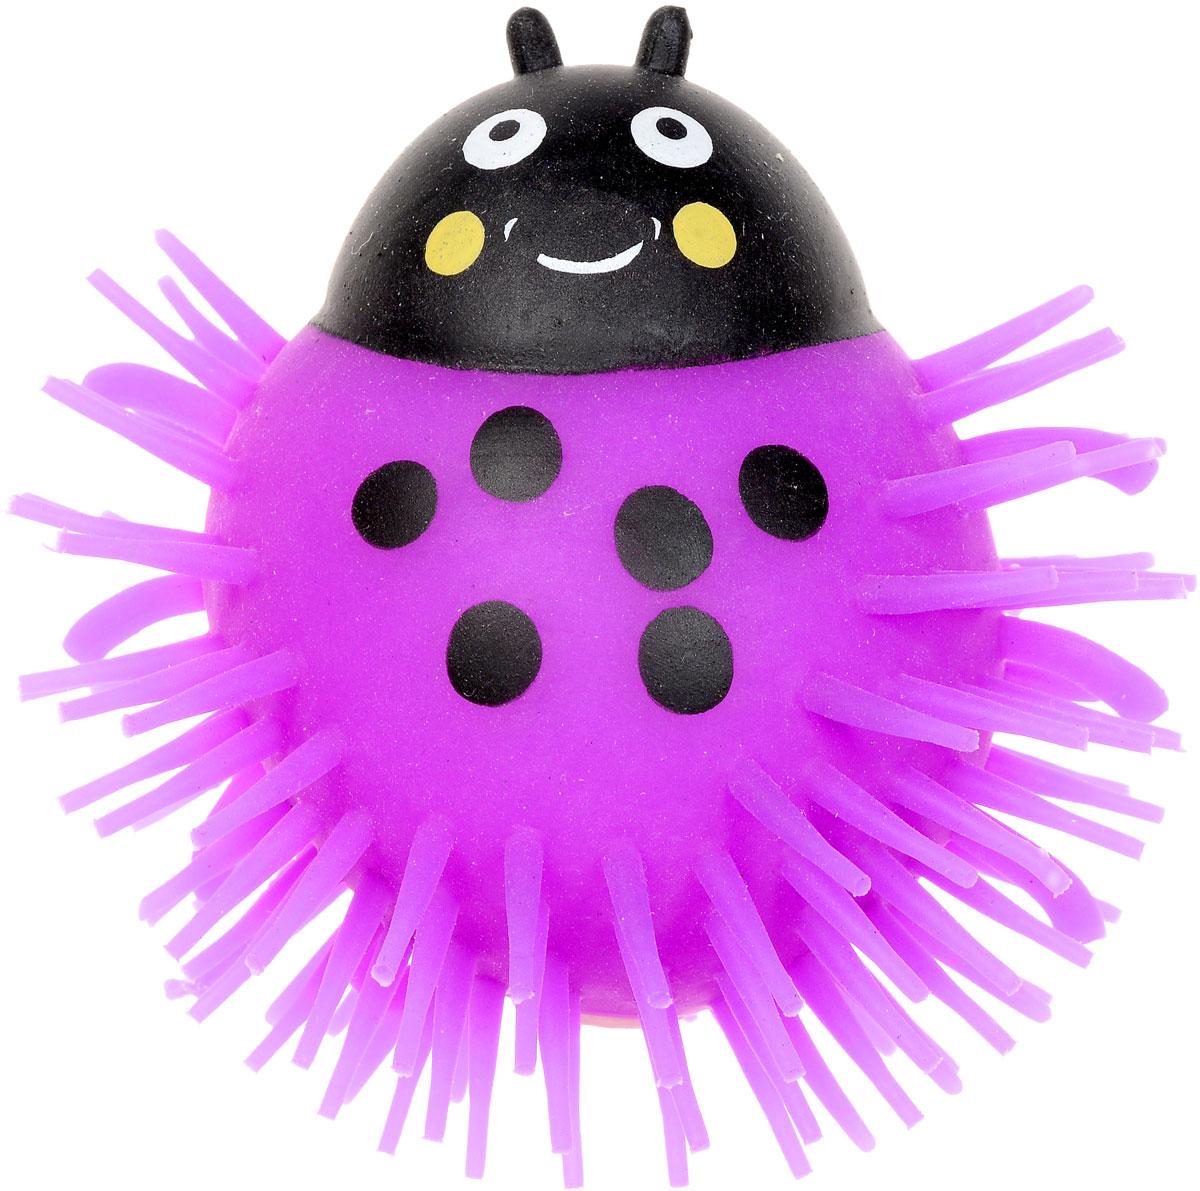 1TOY Игрушка-антистресс Ё-Ёжик Жук цвет фиолетовыйТ56227_фиолетовыйЁ-Ёжик - это яркая игрушка-антистресс - мягкая, приятная на ощупь и напоминающая свернувшегося ёжика. Взяв игрушку в руки, расстаться с ней просто невозможно! Её не только приятно держать в руках, если перекинуть игрушку из руки в руку, она начнёт мигать цветными огоньками. Игрушка фиолетового цвета с черным рисунком и длинными мягкими колючками. Данная игрушка рассчитана на широкую целевую аудиторию, как детей от трёх лет, так и взрослых. Ё-Ёжик обязательно станет самым любимым забавным сувениром. Игрушка работает от незаменяемых батареек.